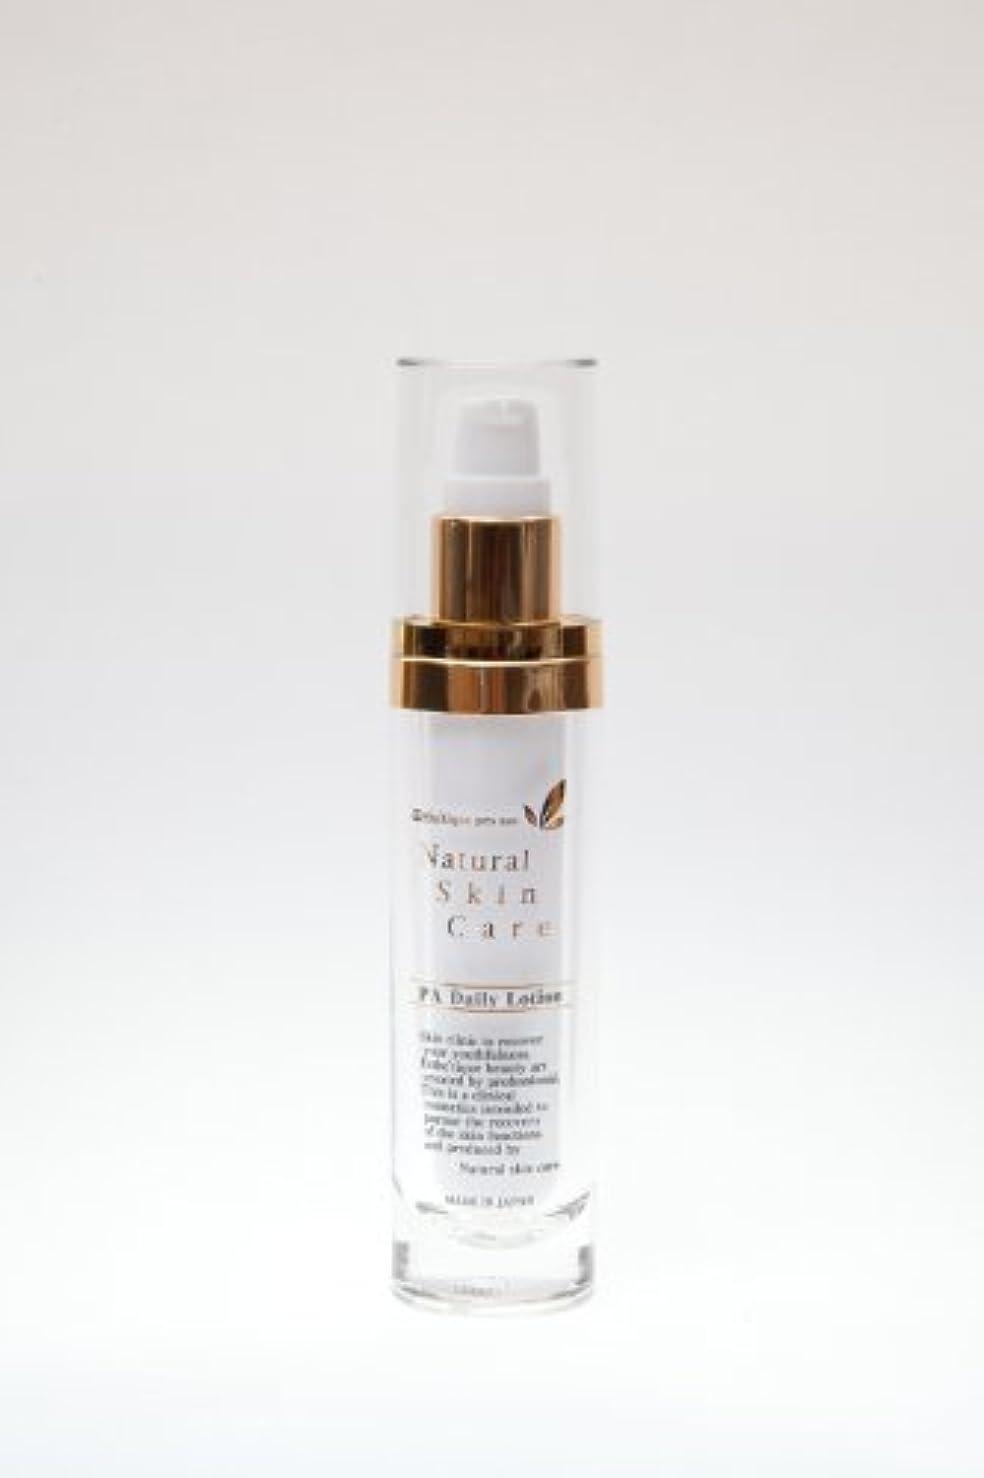 PA デイリーローション 30ml : EGF フラーレン リピジュア アルジレリン 配合ジェルタイプ収斂化粧水 サロン専売化粧品 R-Cell(リセル)